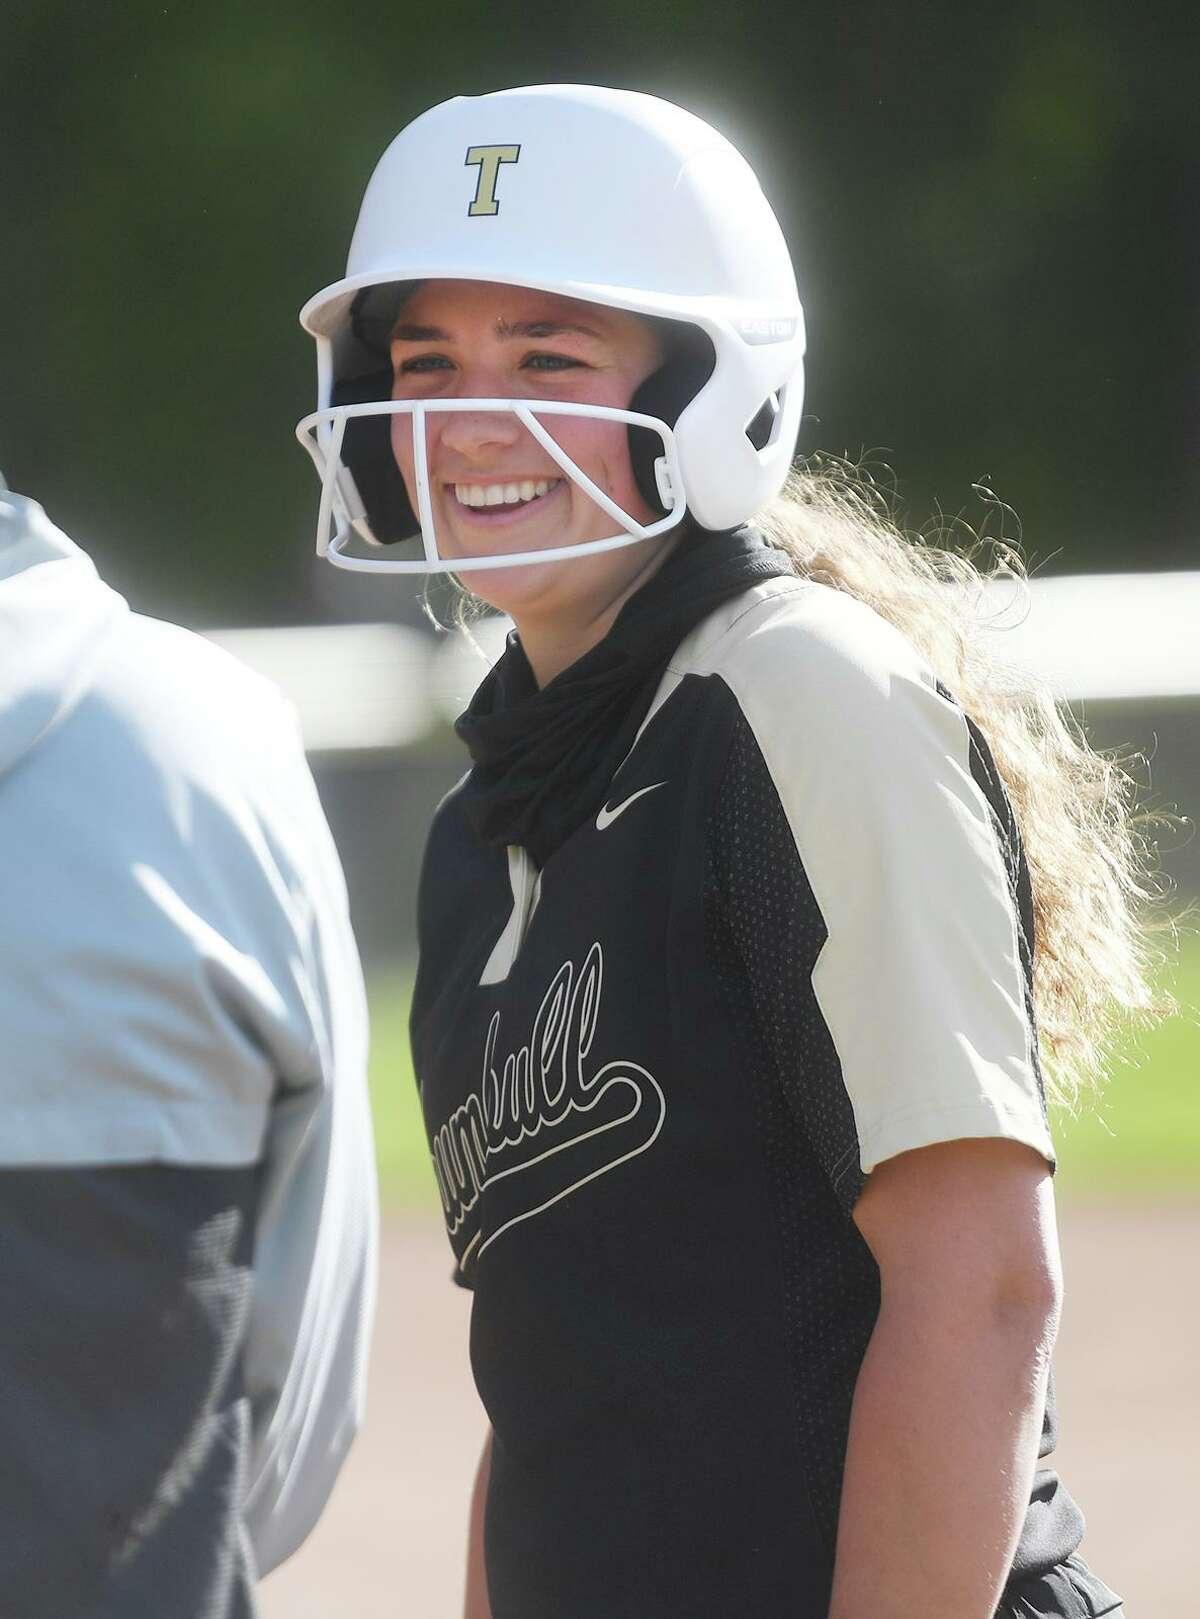 St. Joseph v. Trumbull softball at St. Joseph High School in Trumbull, Conn. on Wednesday, May 12, 2021.